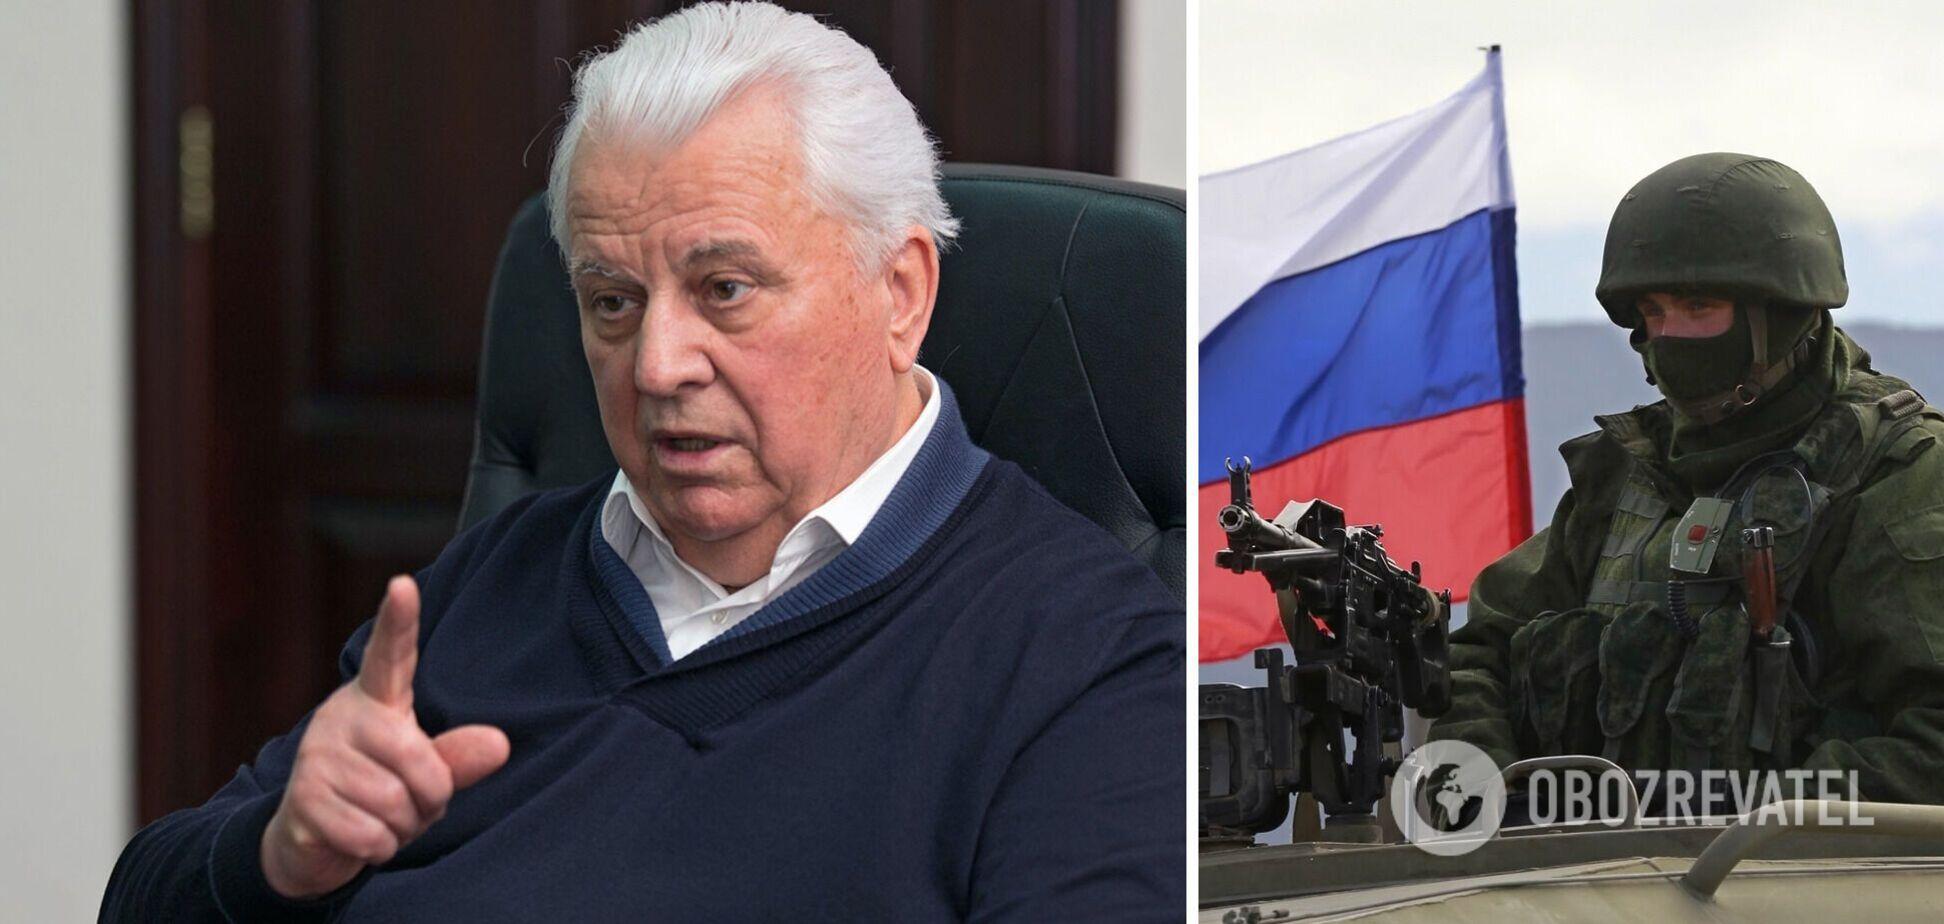 Кравчук на Совбезе ООН: Россия решила не заканчивать конфликт на Донбассе. Видео